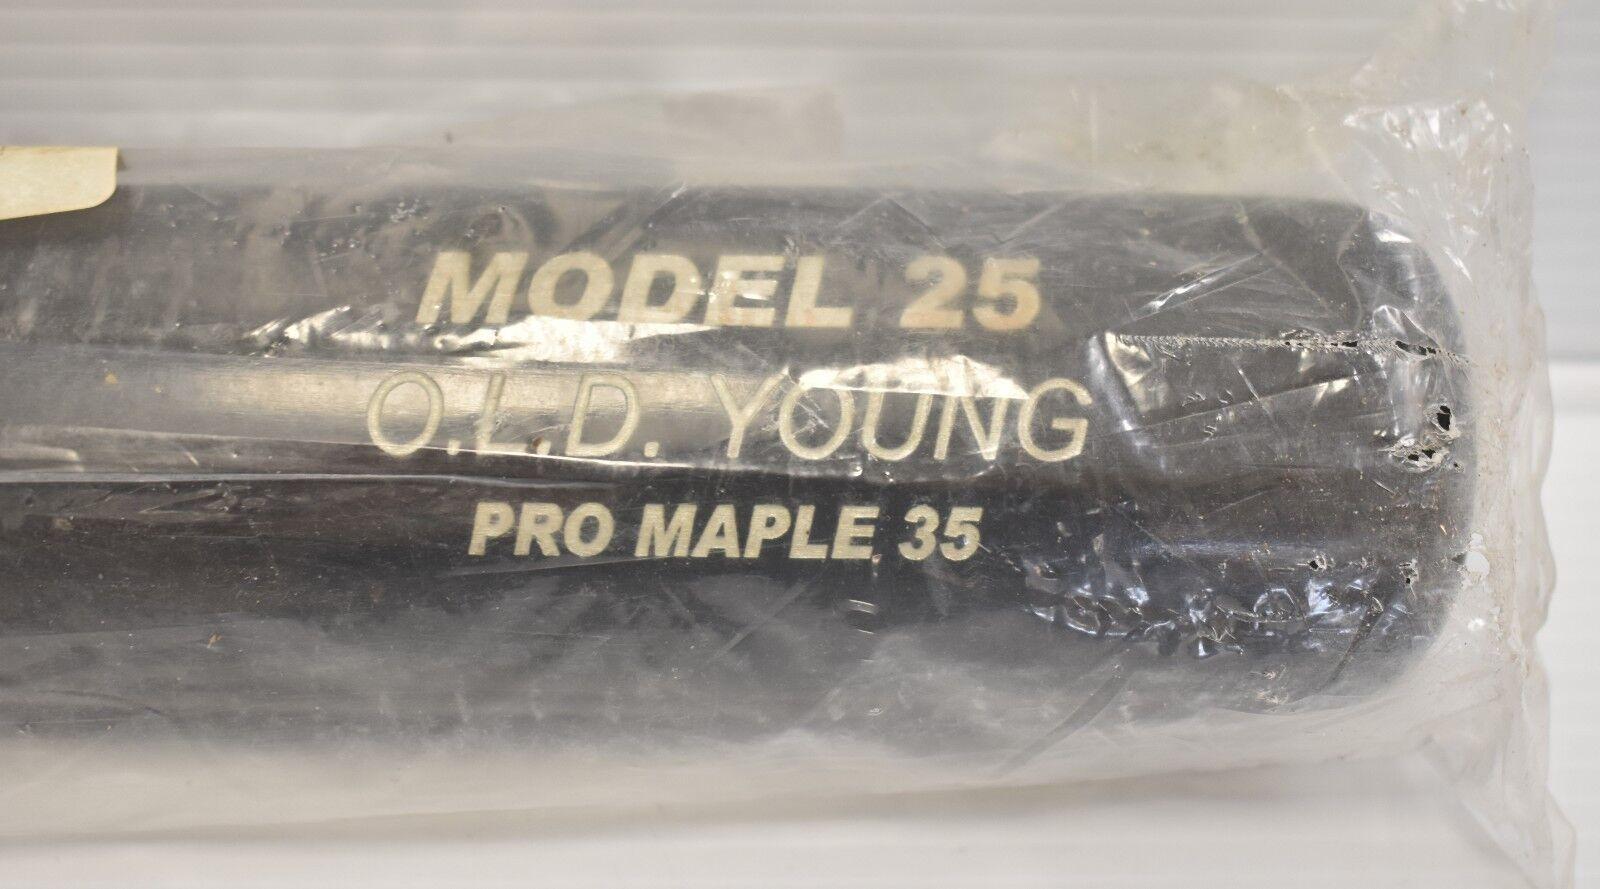 Nuevo Arce Pro X Bat imperfección Madera de arce bate de béisbol 34  o.l.d. joven